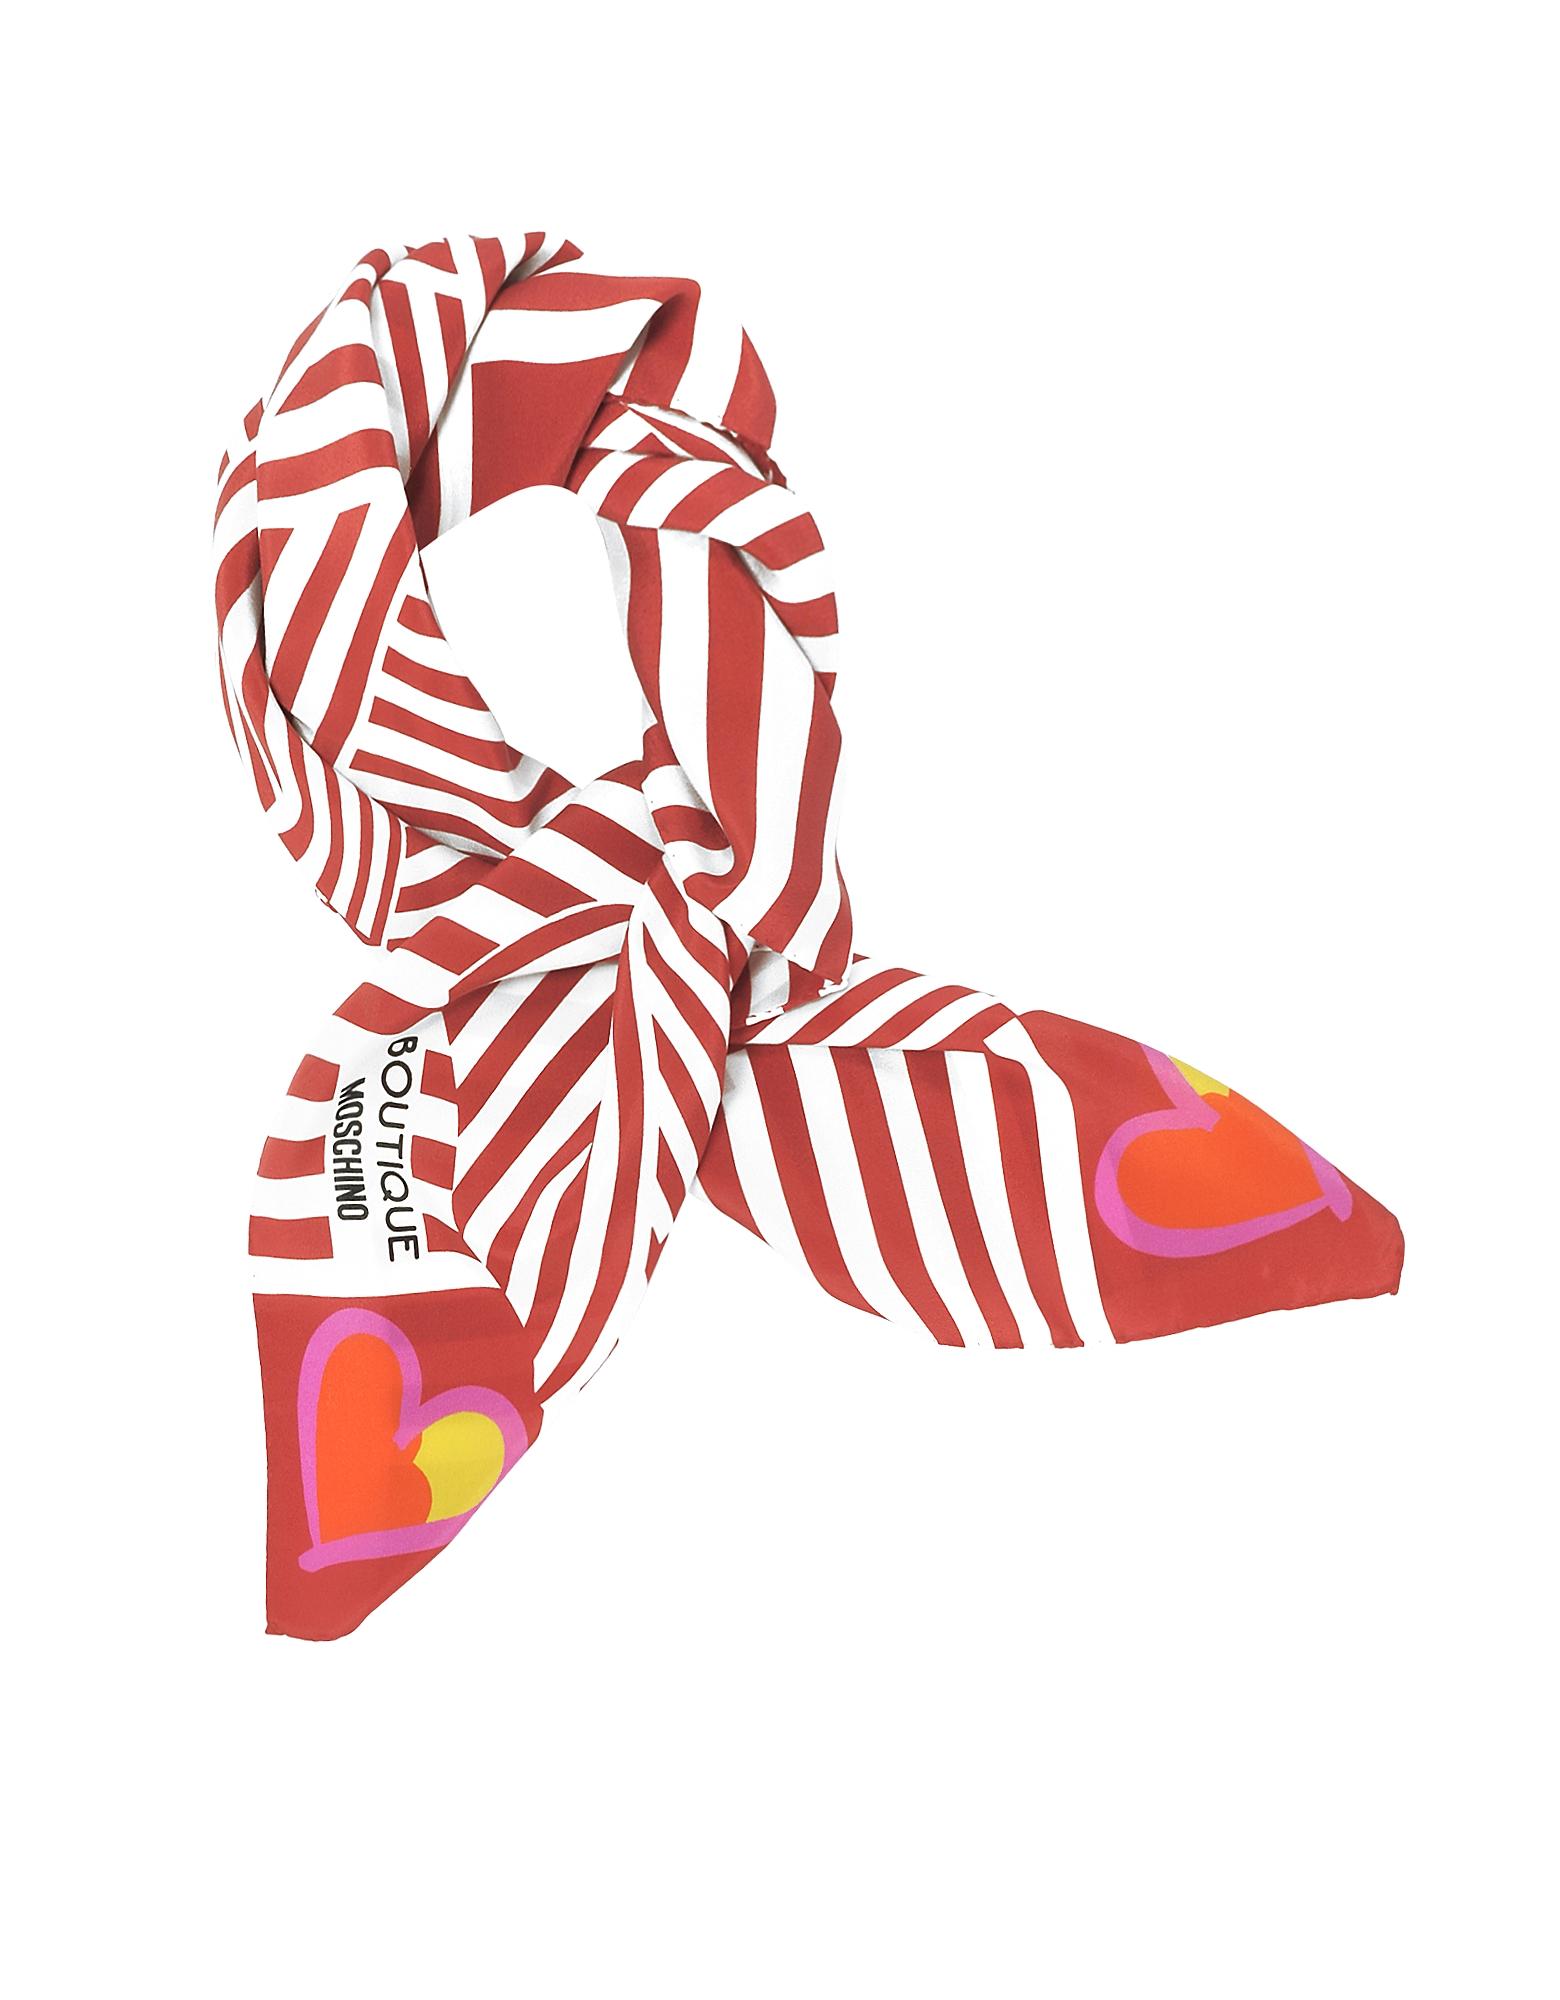 Boutique Moschino - Красная и Белая Косынка из Креп Шелка с Полосками и Принтом Бантов